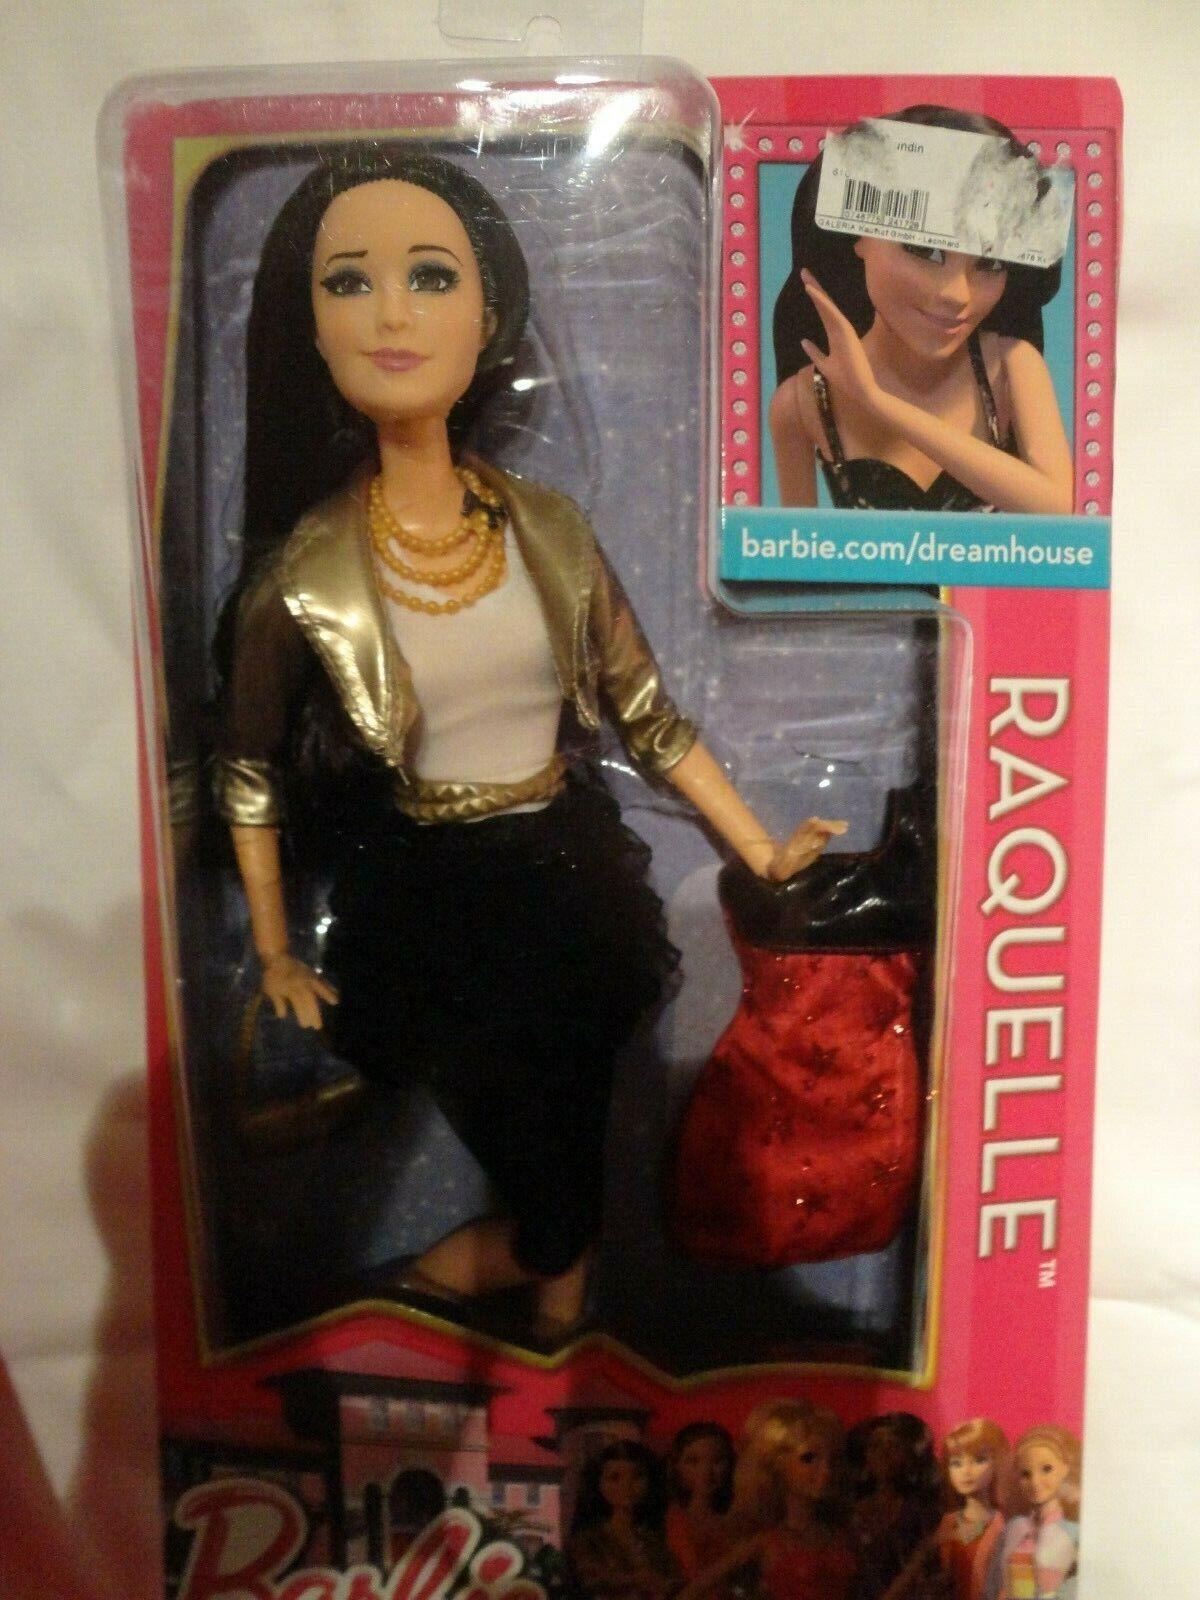 BARBIE y7441 Raquelle con ciglia live in the Dreamhouse billigstes organiz